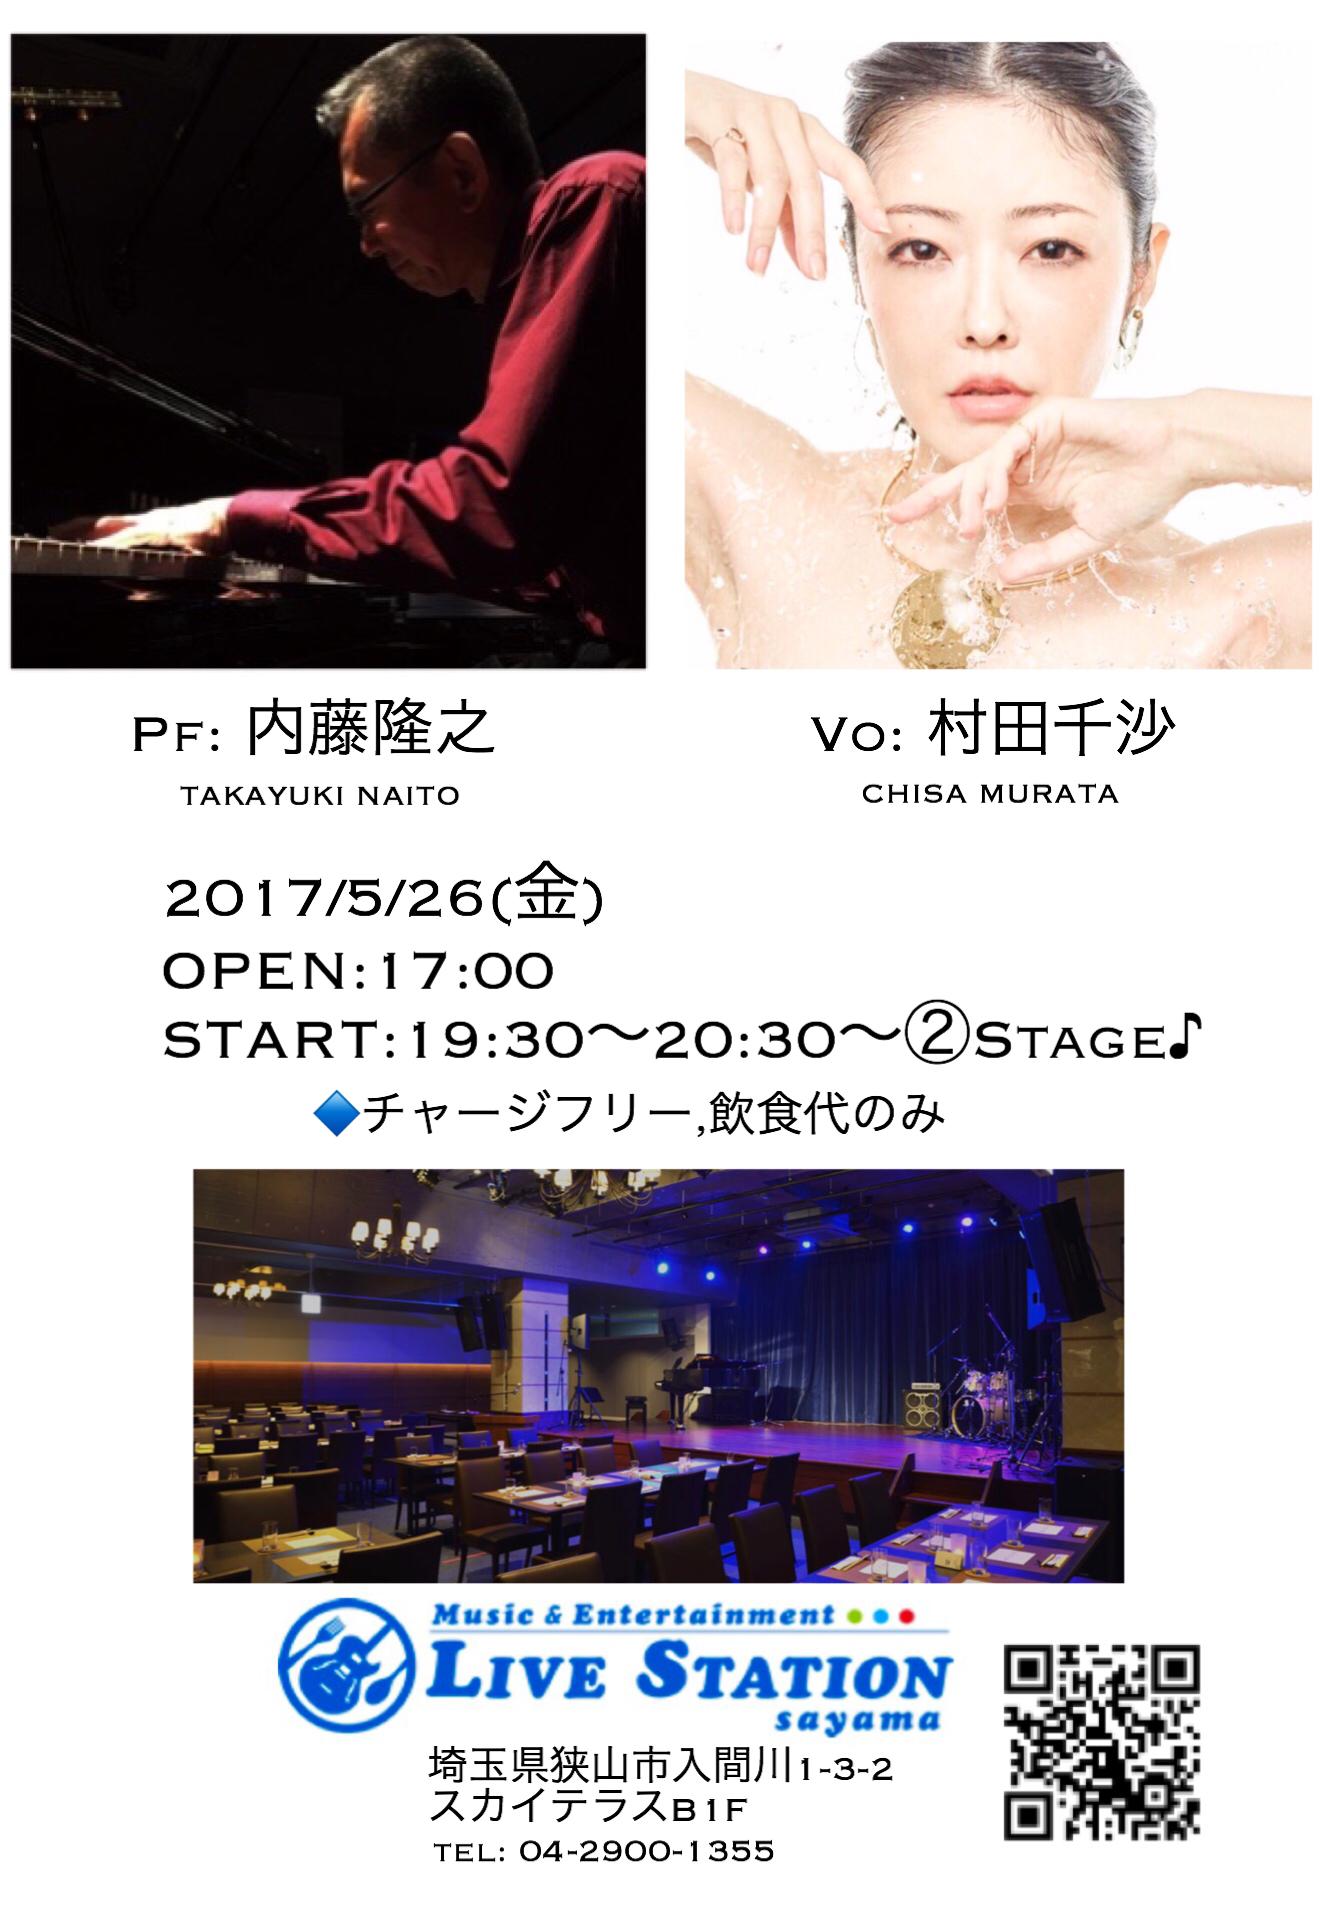 2017/5/26LIVE STATION sayamaおこしやす〜♪